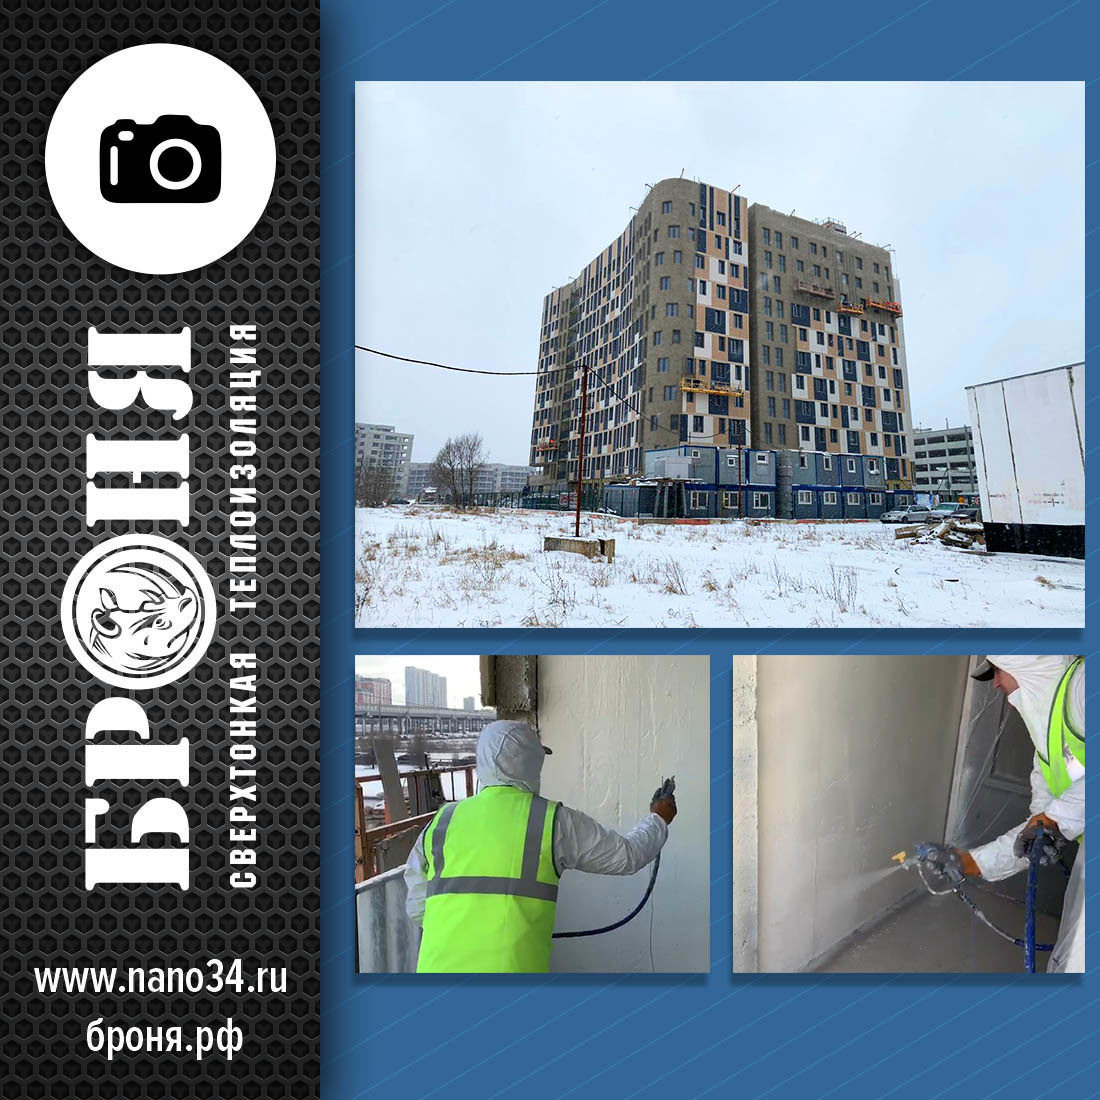 Утепление балконных блоков ЖК НОРД. г. Москва 2020г